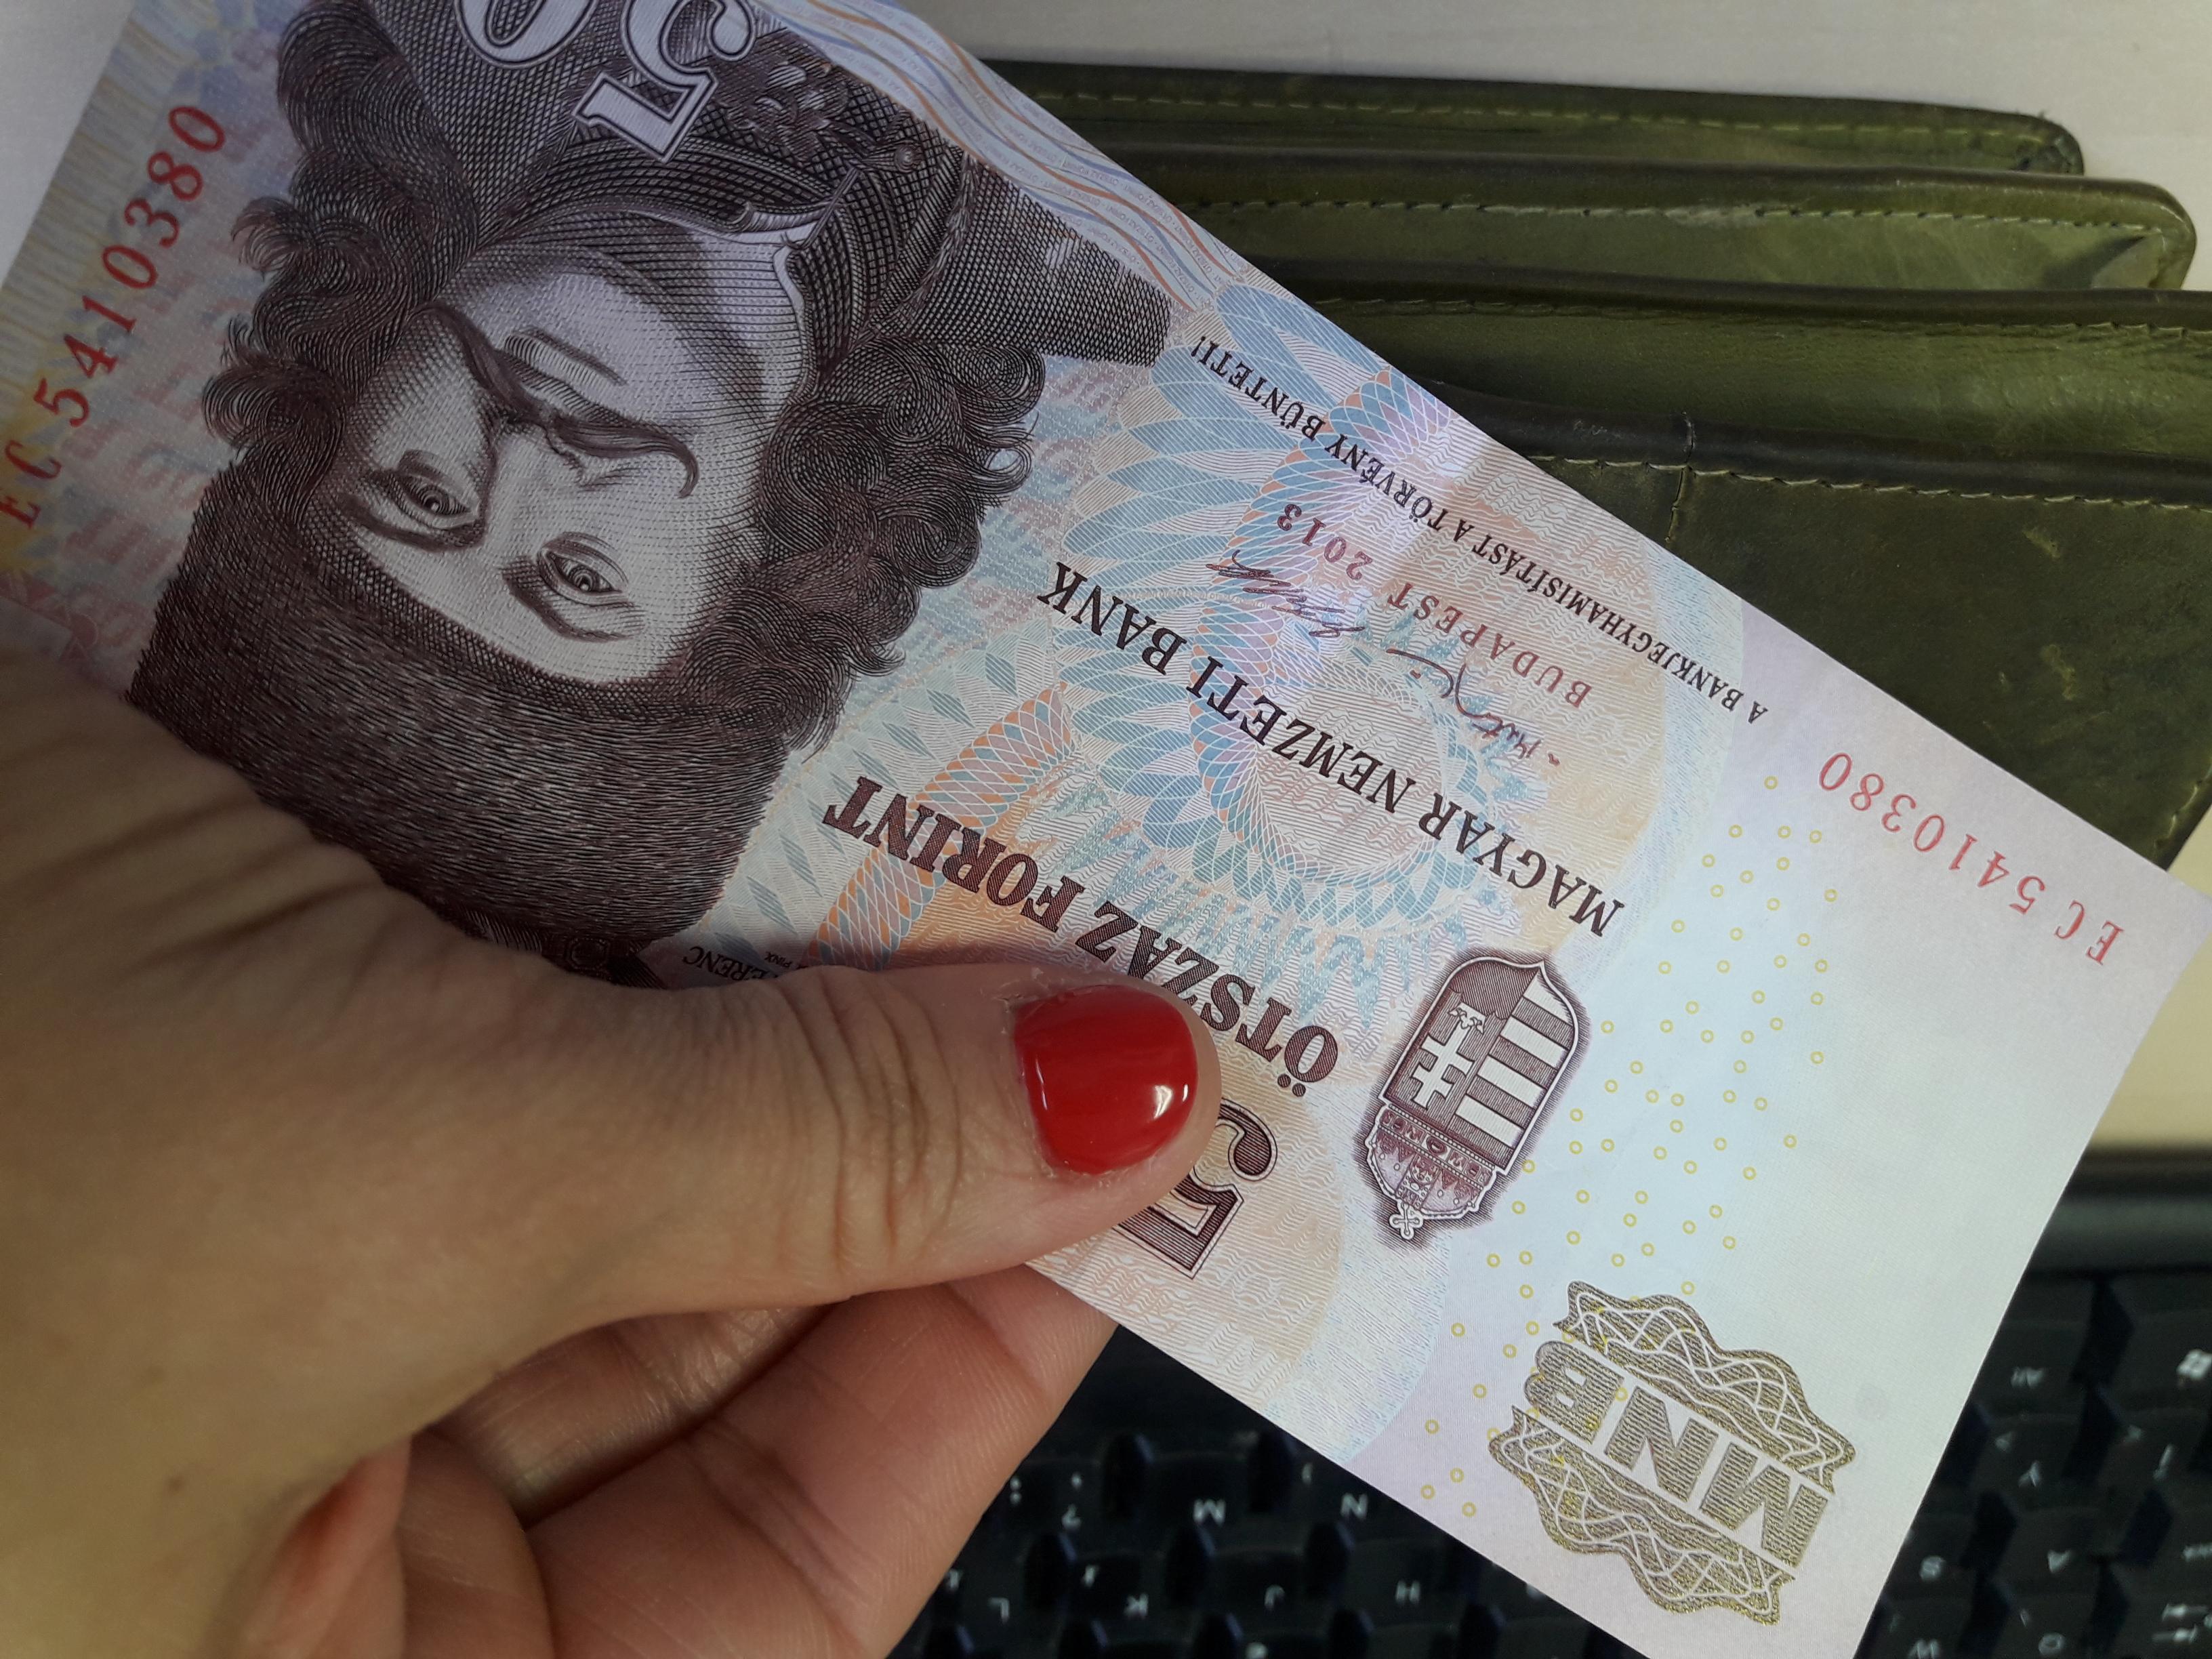 Figyelem, hamarosan már csak az új ötszázassal fizethetsz! Meddig használható még a régi 500 Ft-os bankjegy?